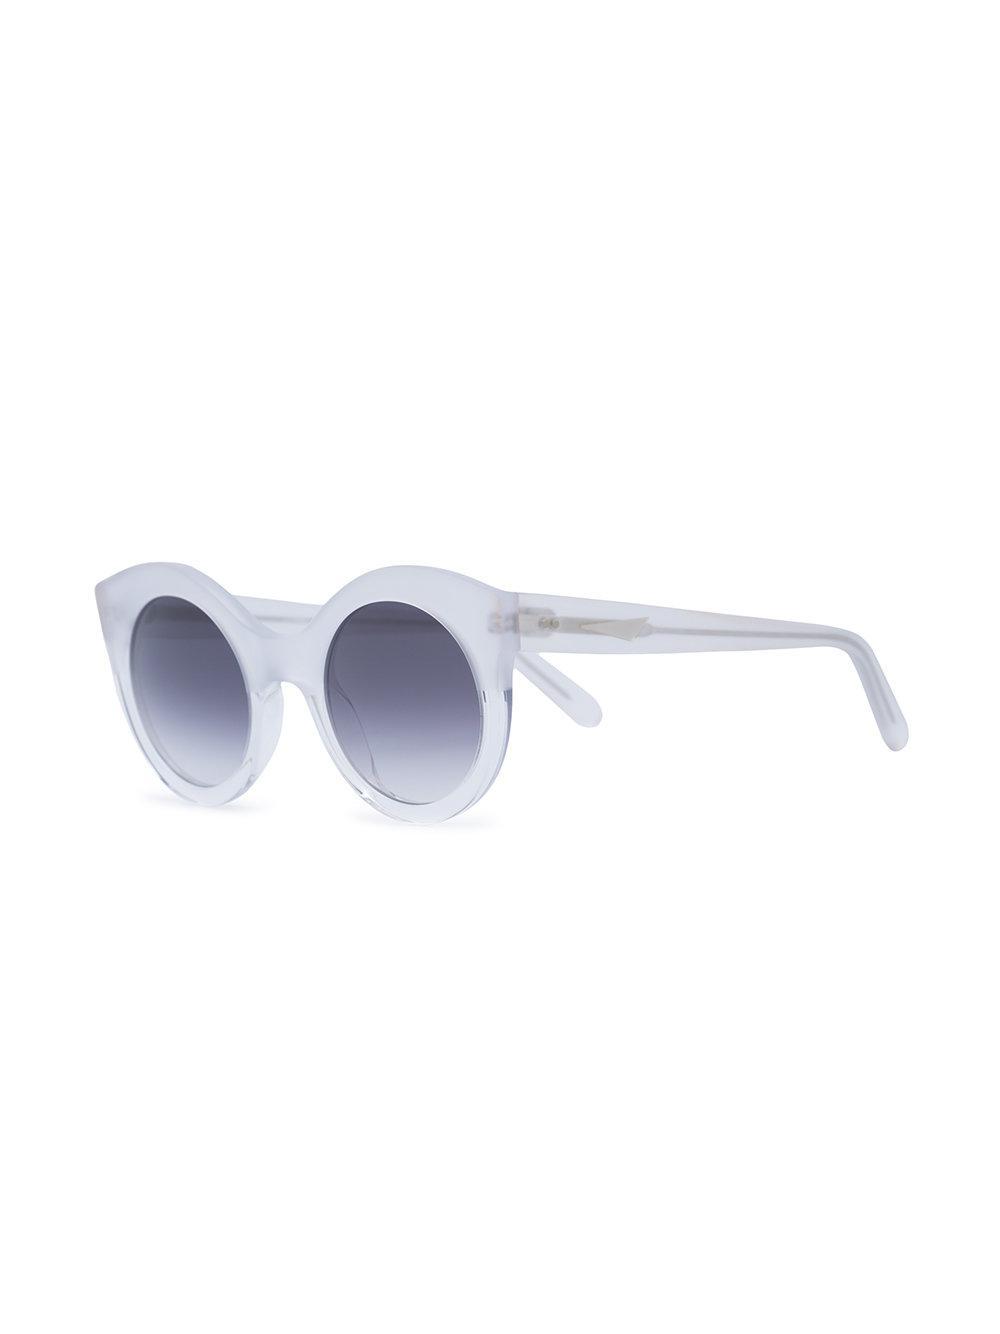 Prism Savanna sunglasses Sale Amazing Price oin4VKm0